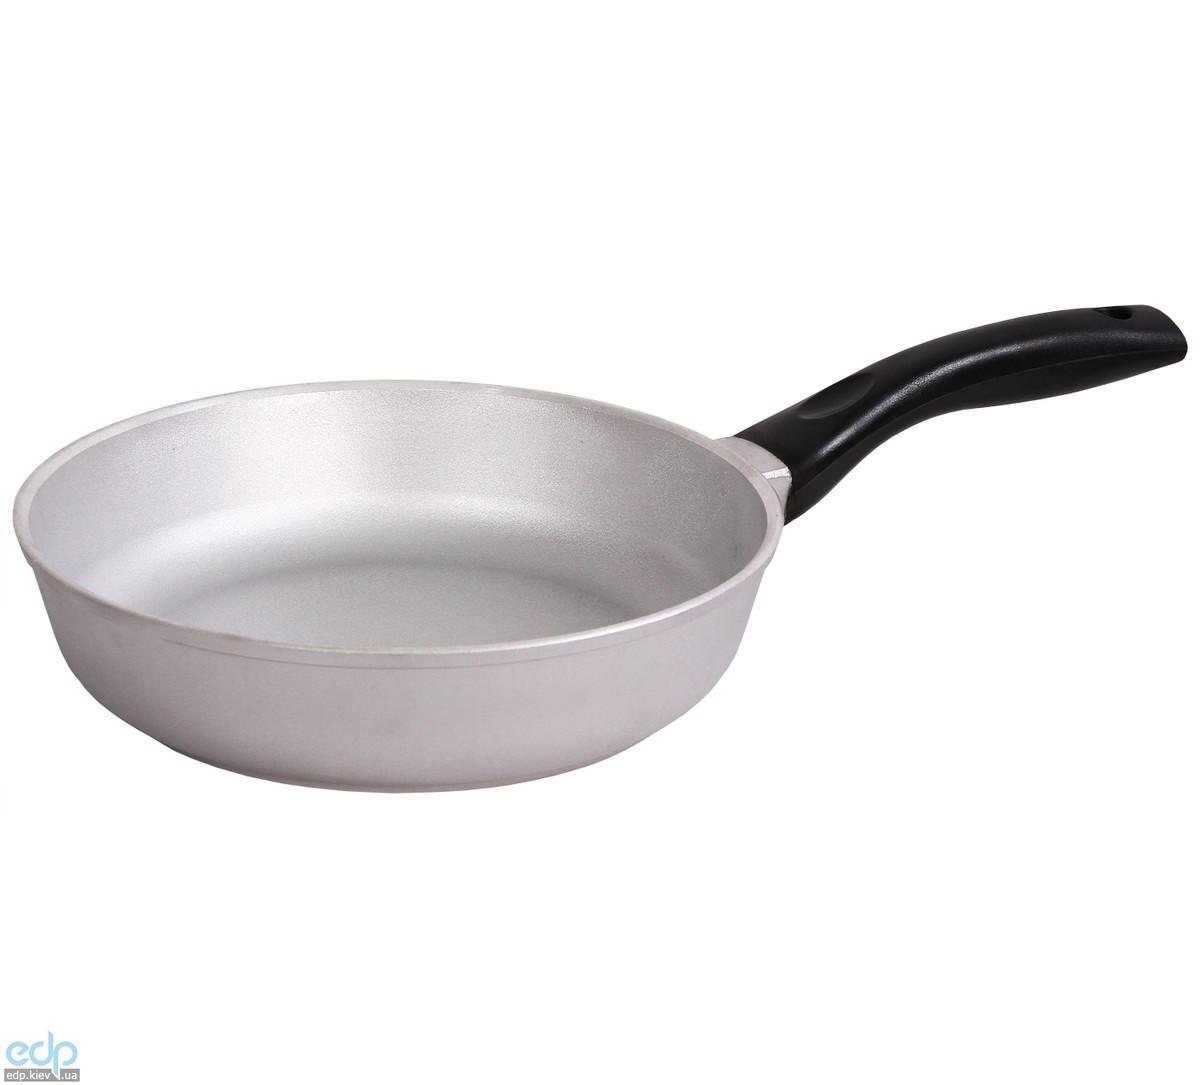 Биол - Сковорода с утолщенным дном без крышки диаметр 26 см (2607)